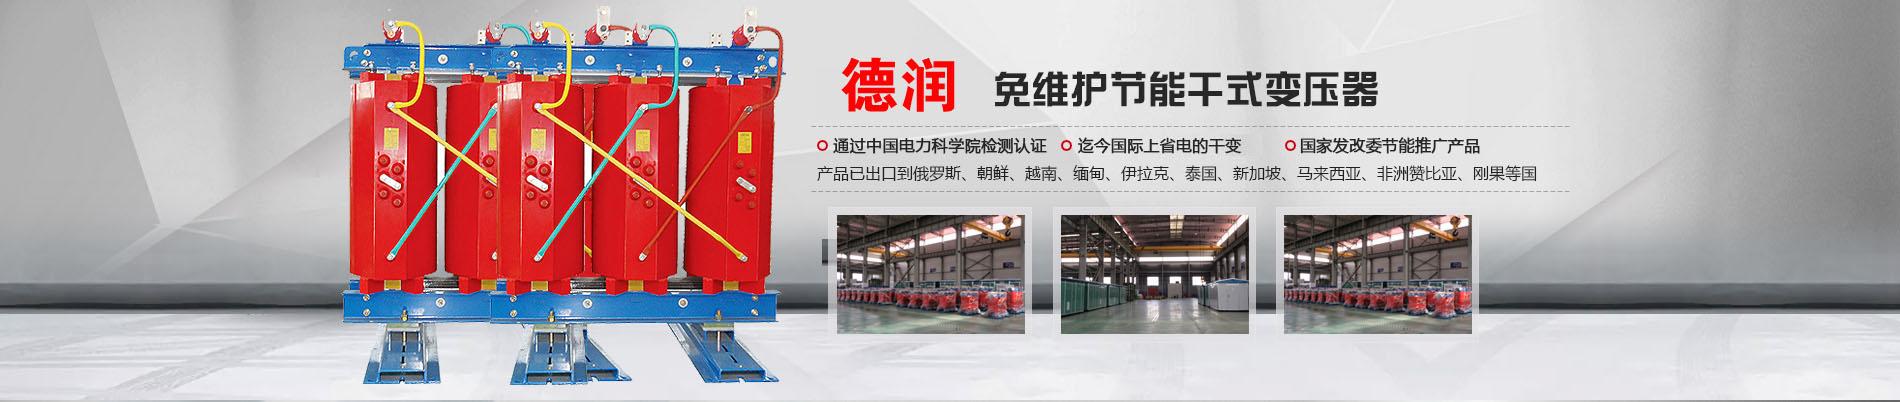 赤峰干式变压器厂家